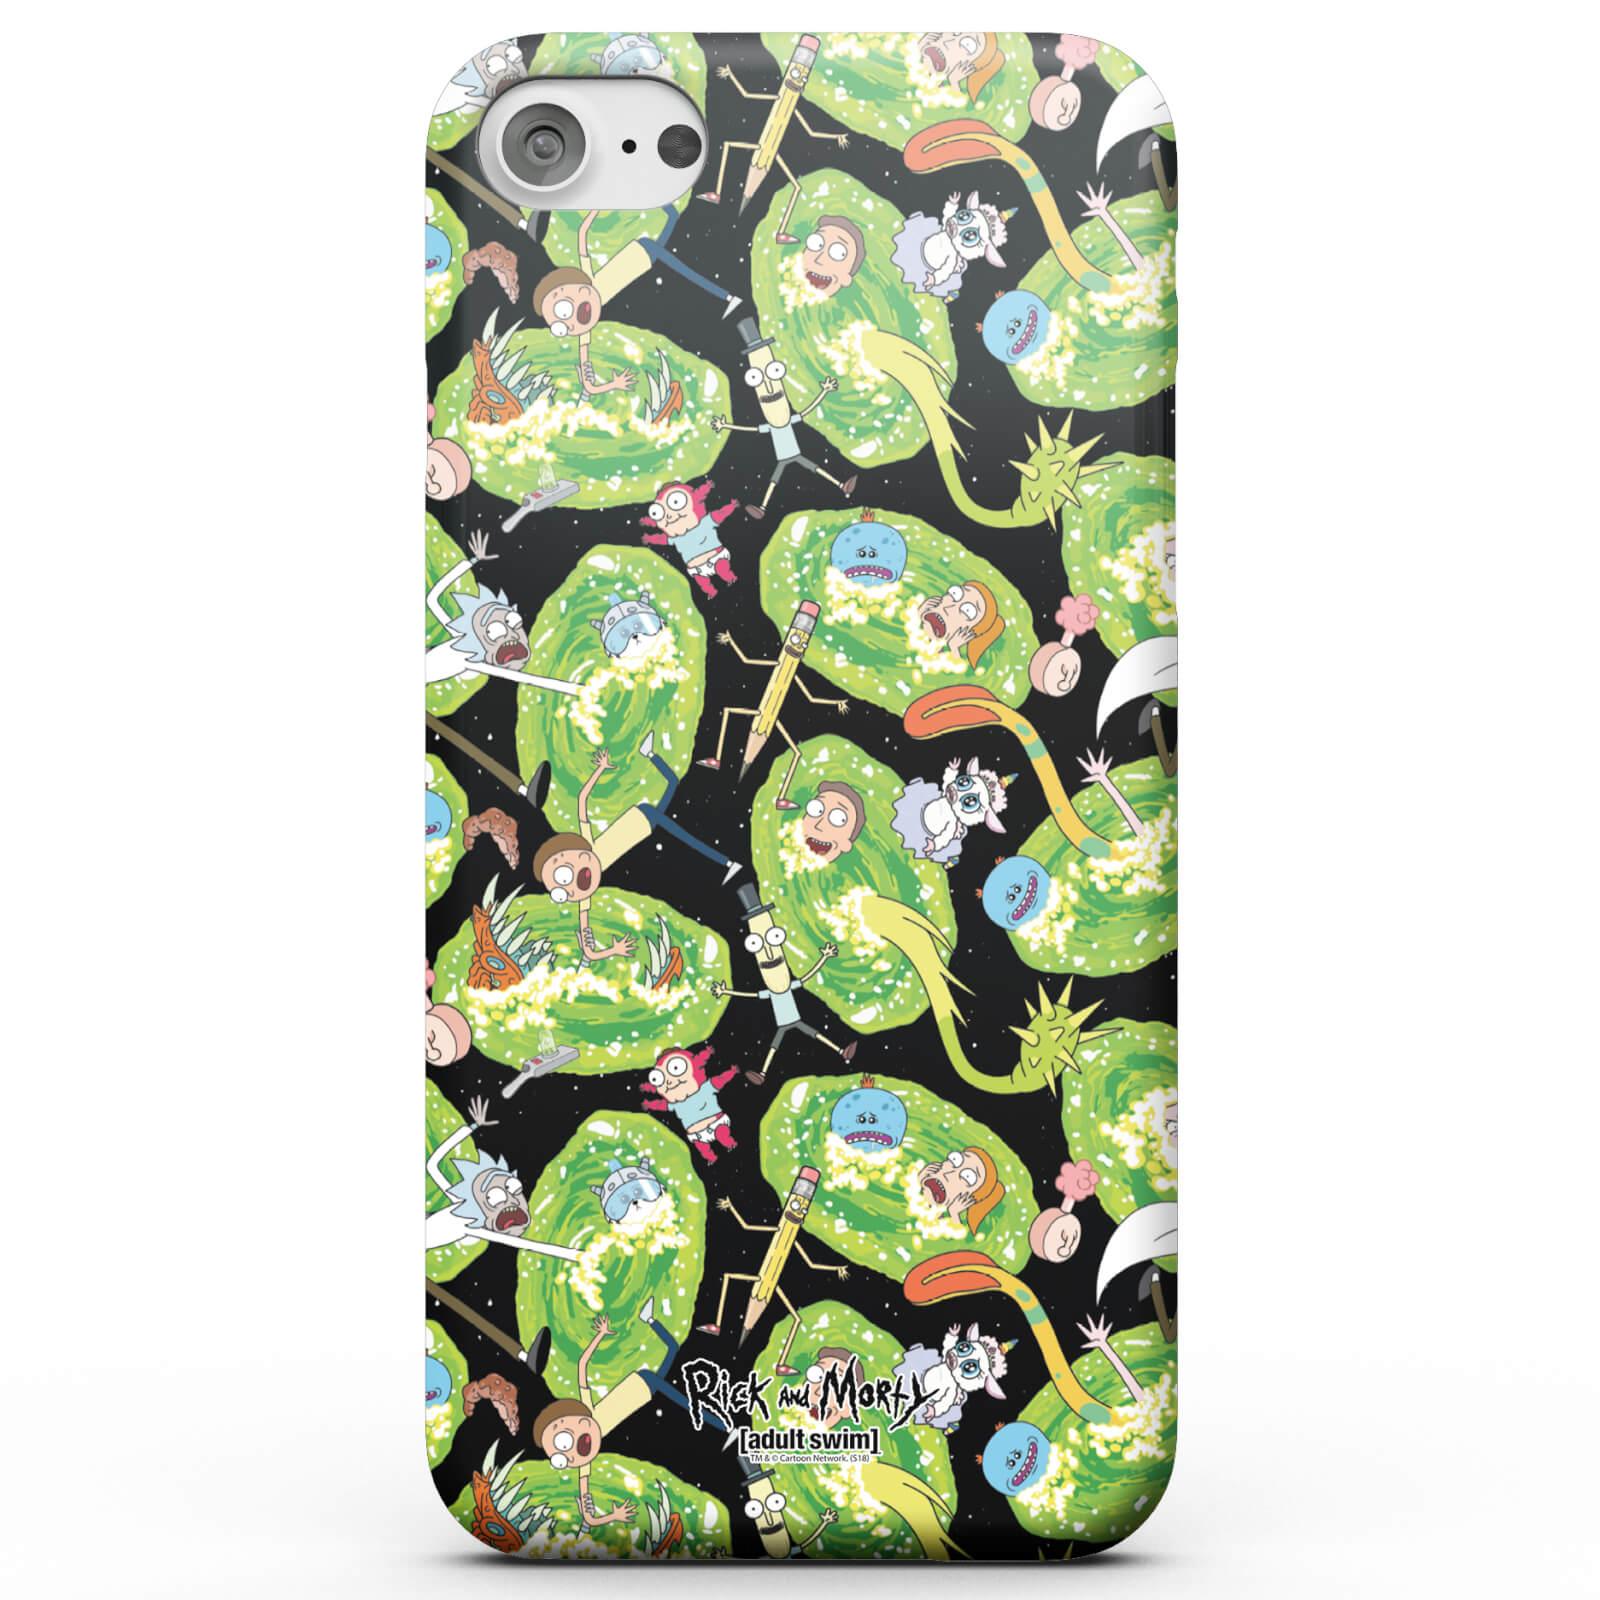 Rick and Morty Coque Smartphone Rick et Morty Portail Galactique et Personnages - iPhone & Android - iPhone 6 Plus - Coque Double Épaisseur Matte